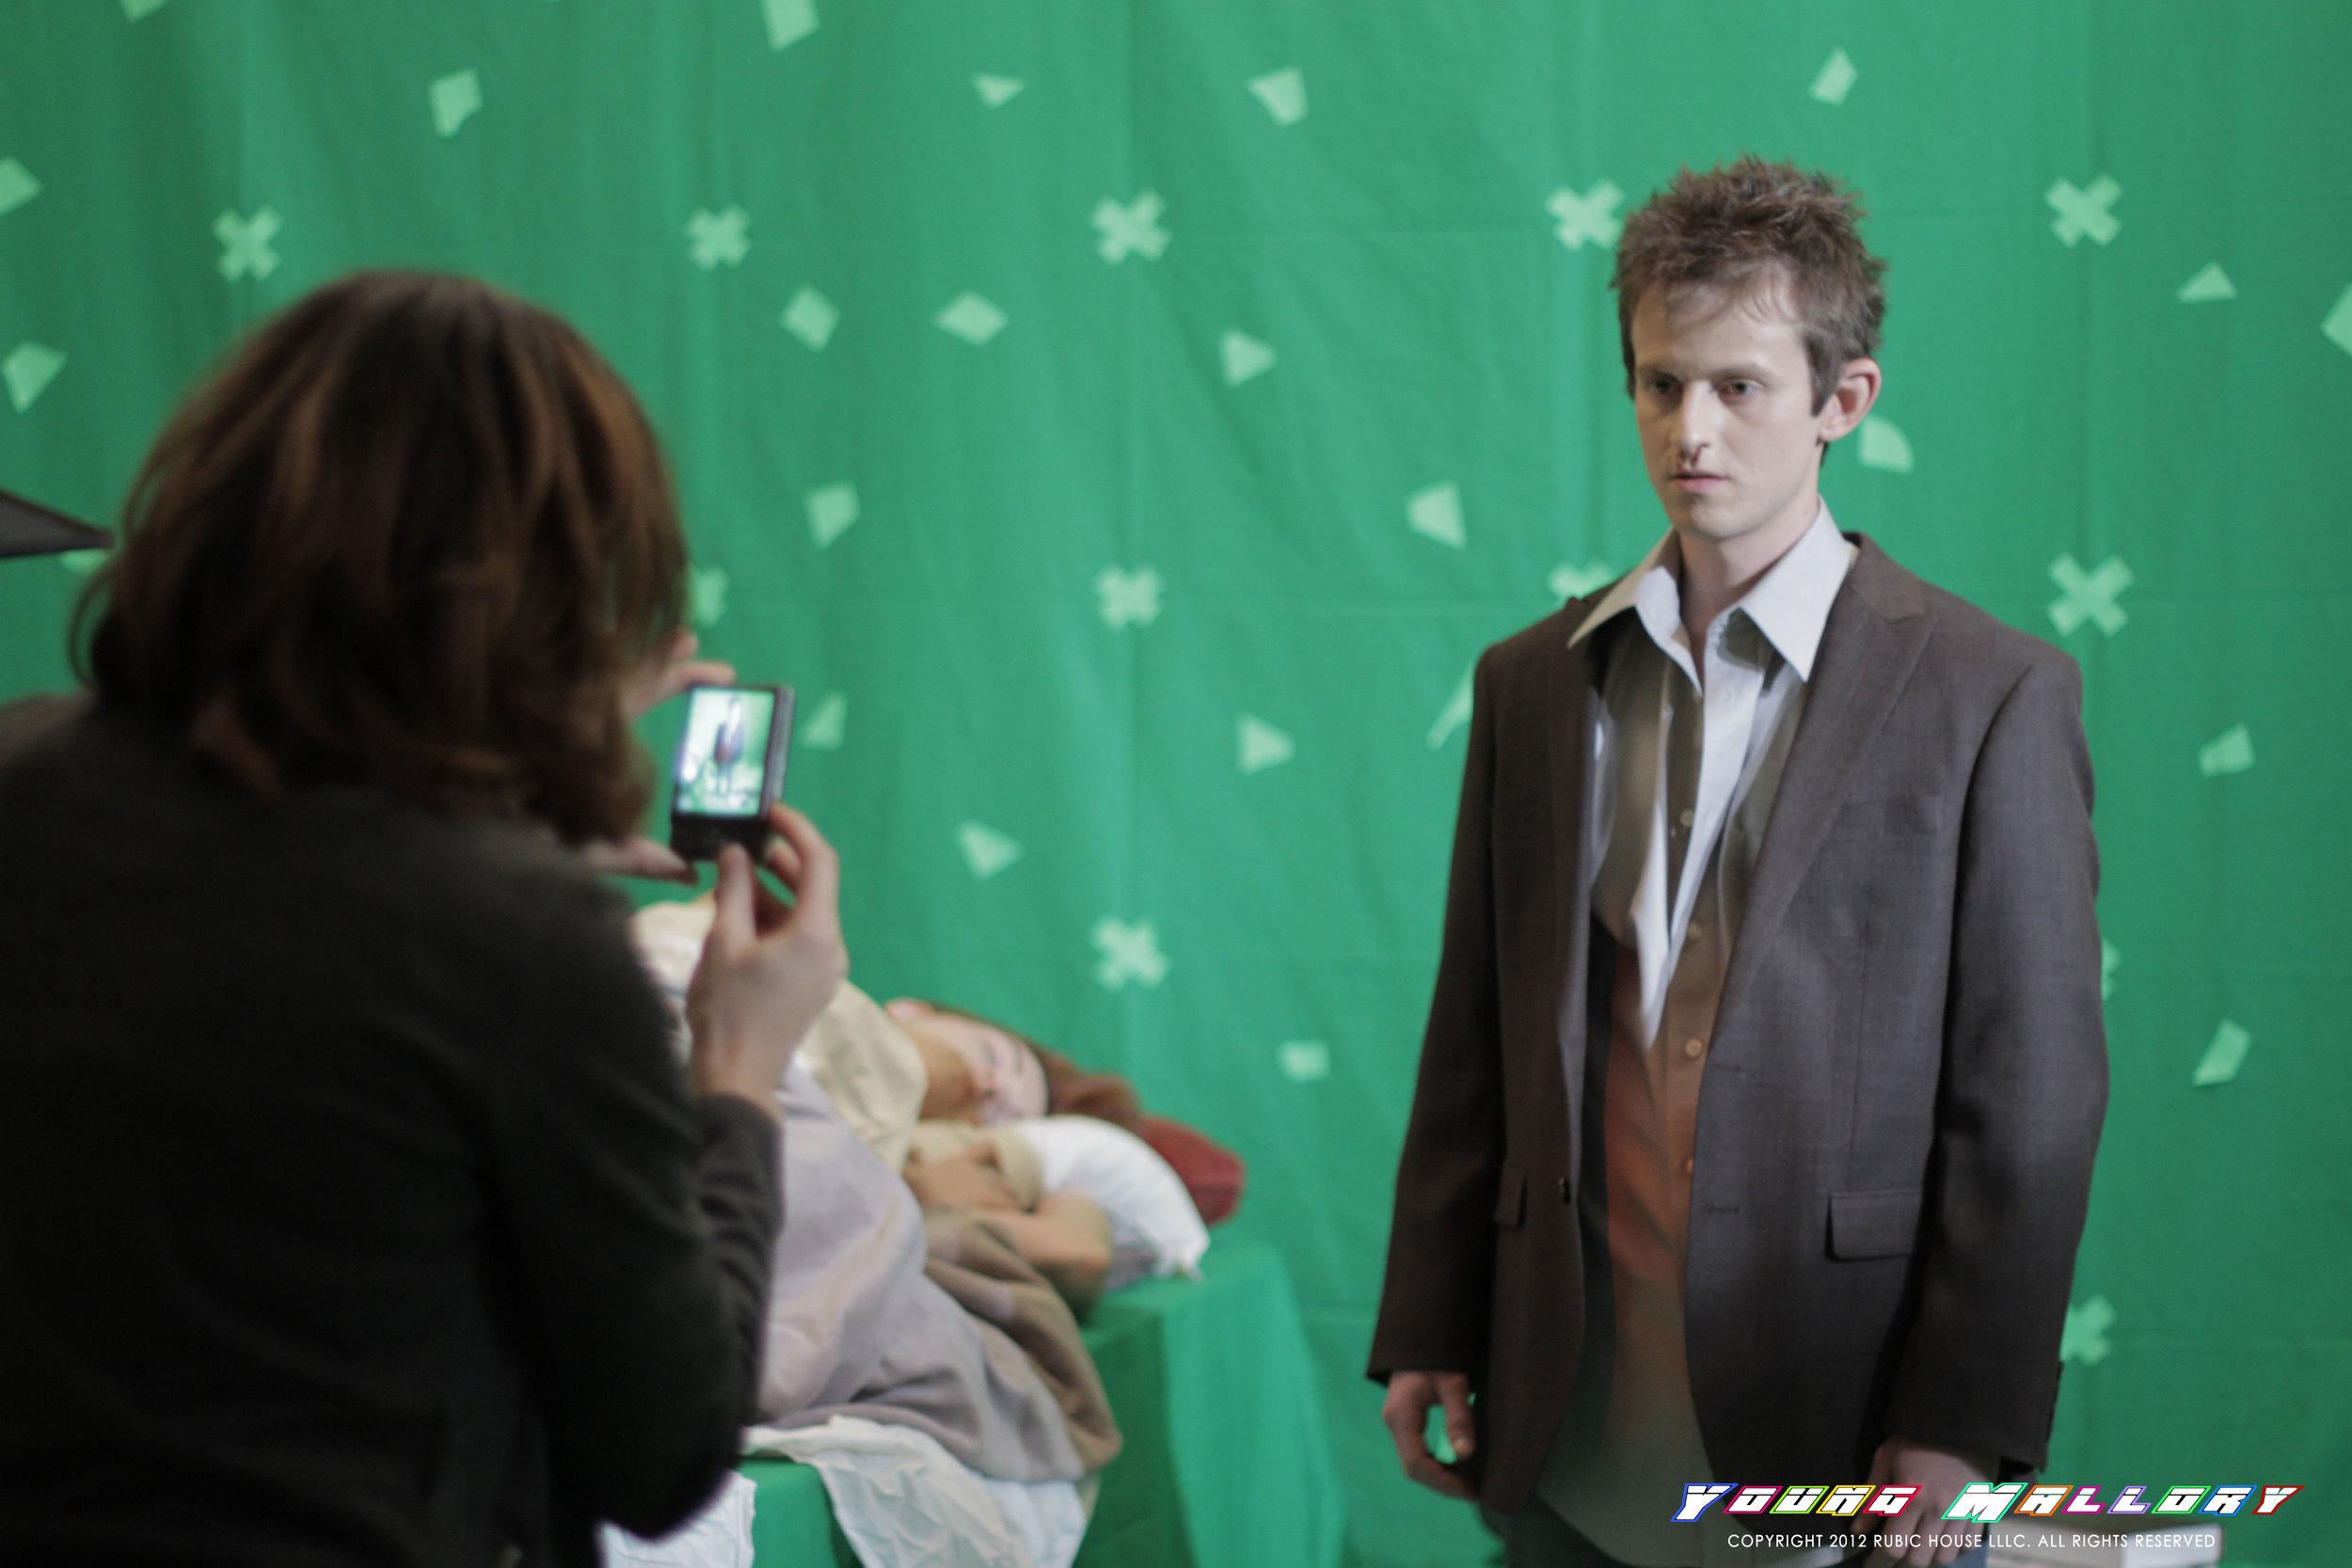 behind-the-scenes-photo-6.jpg